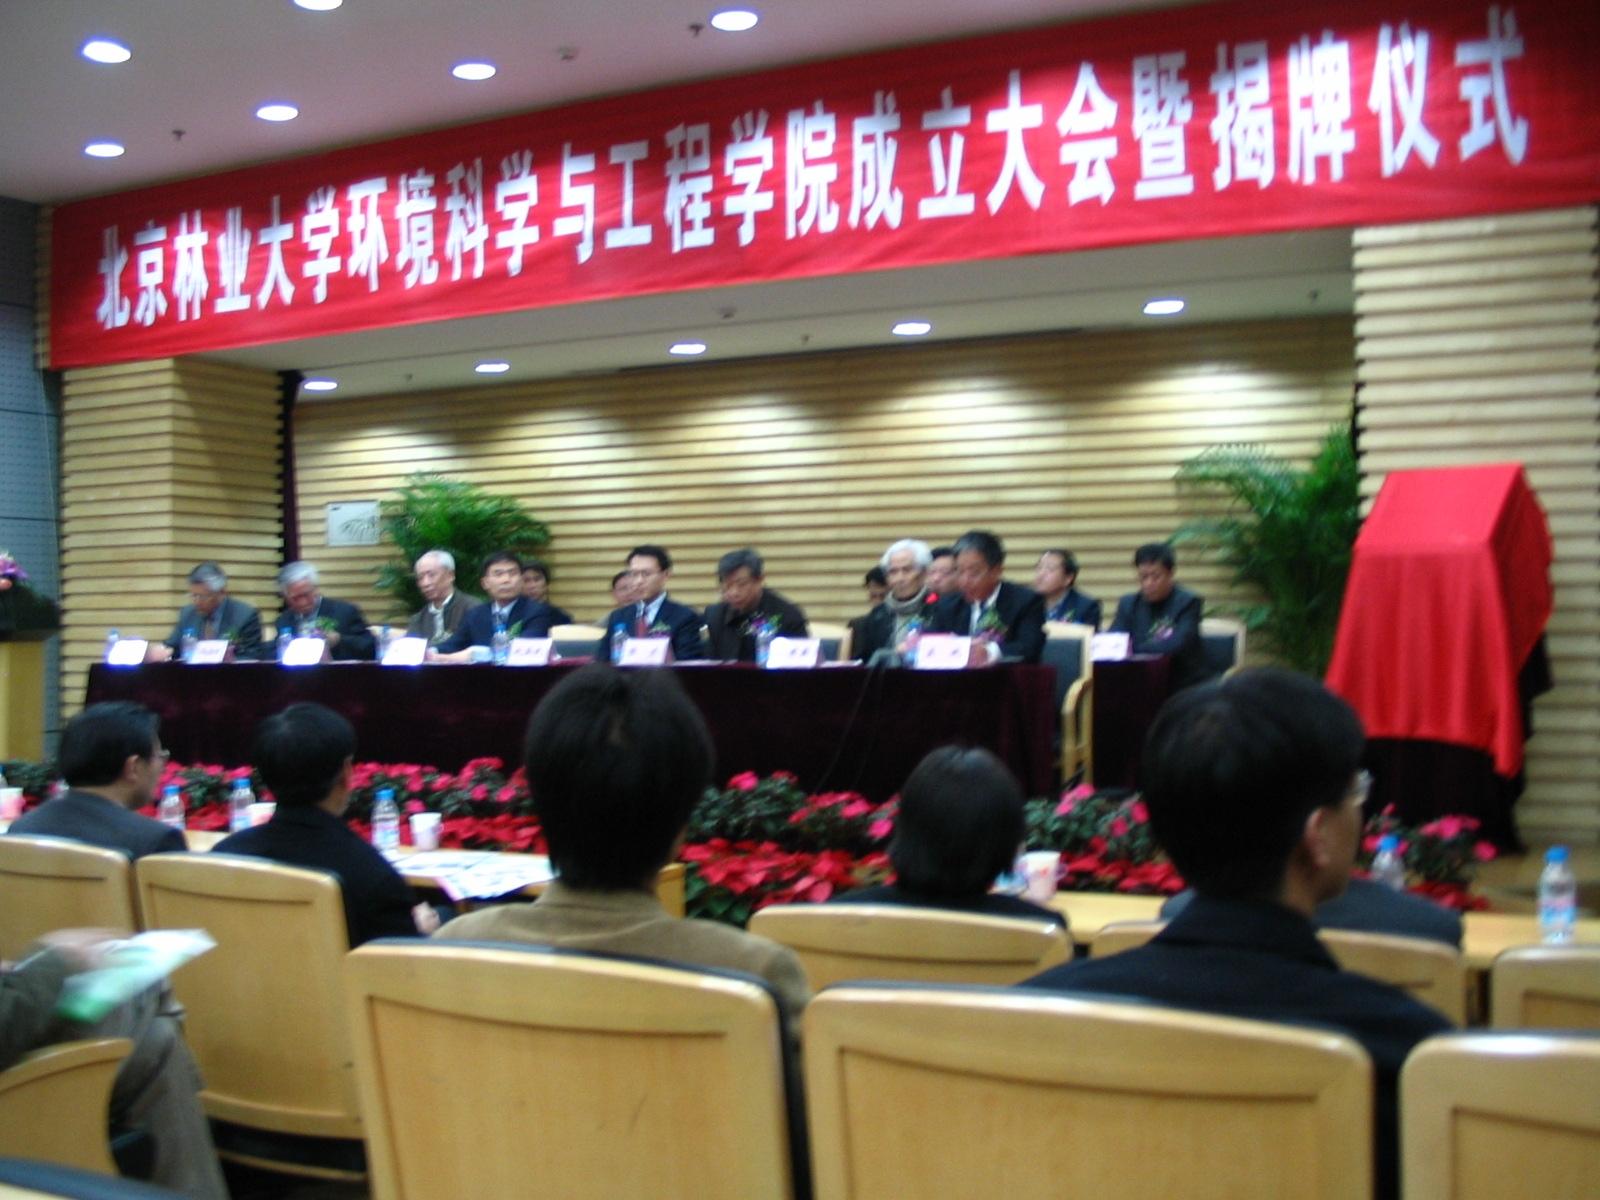 2007年学院成立大会